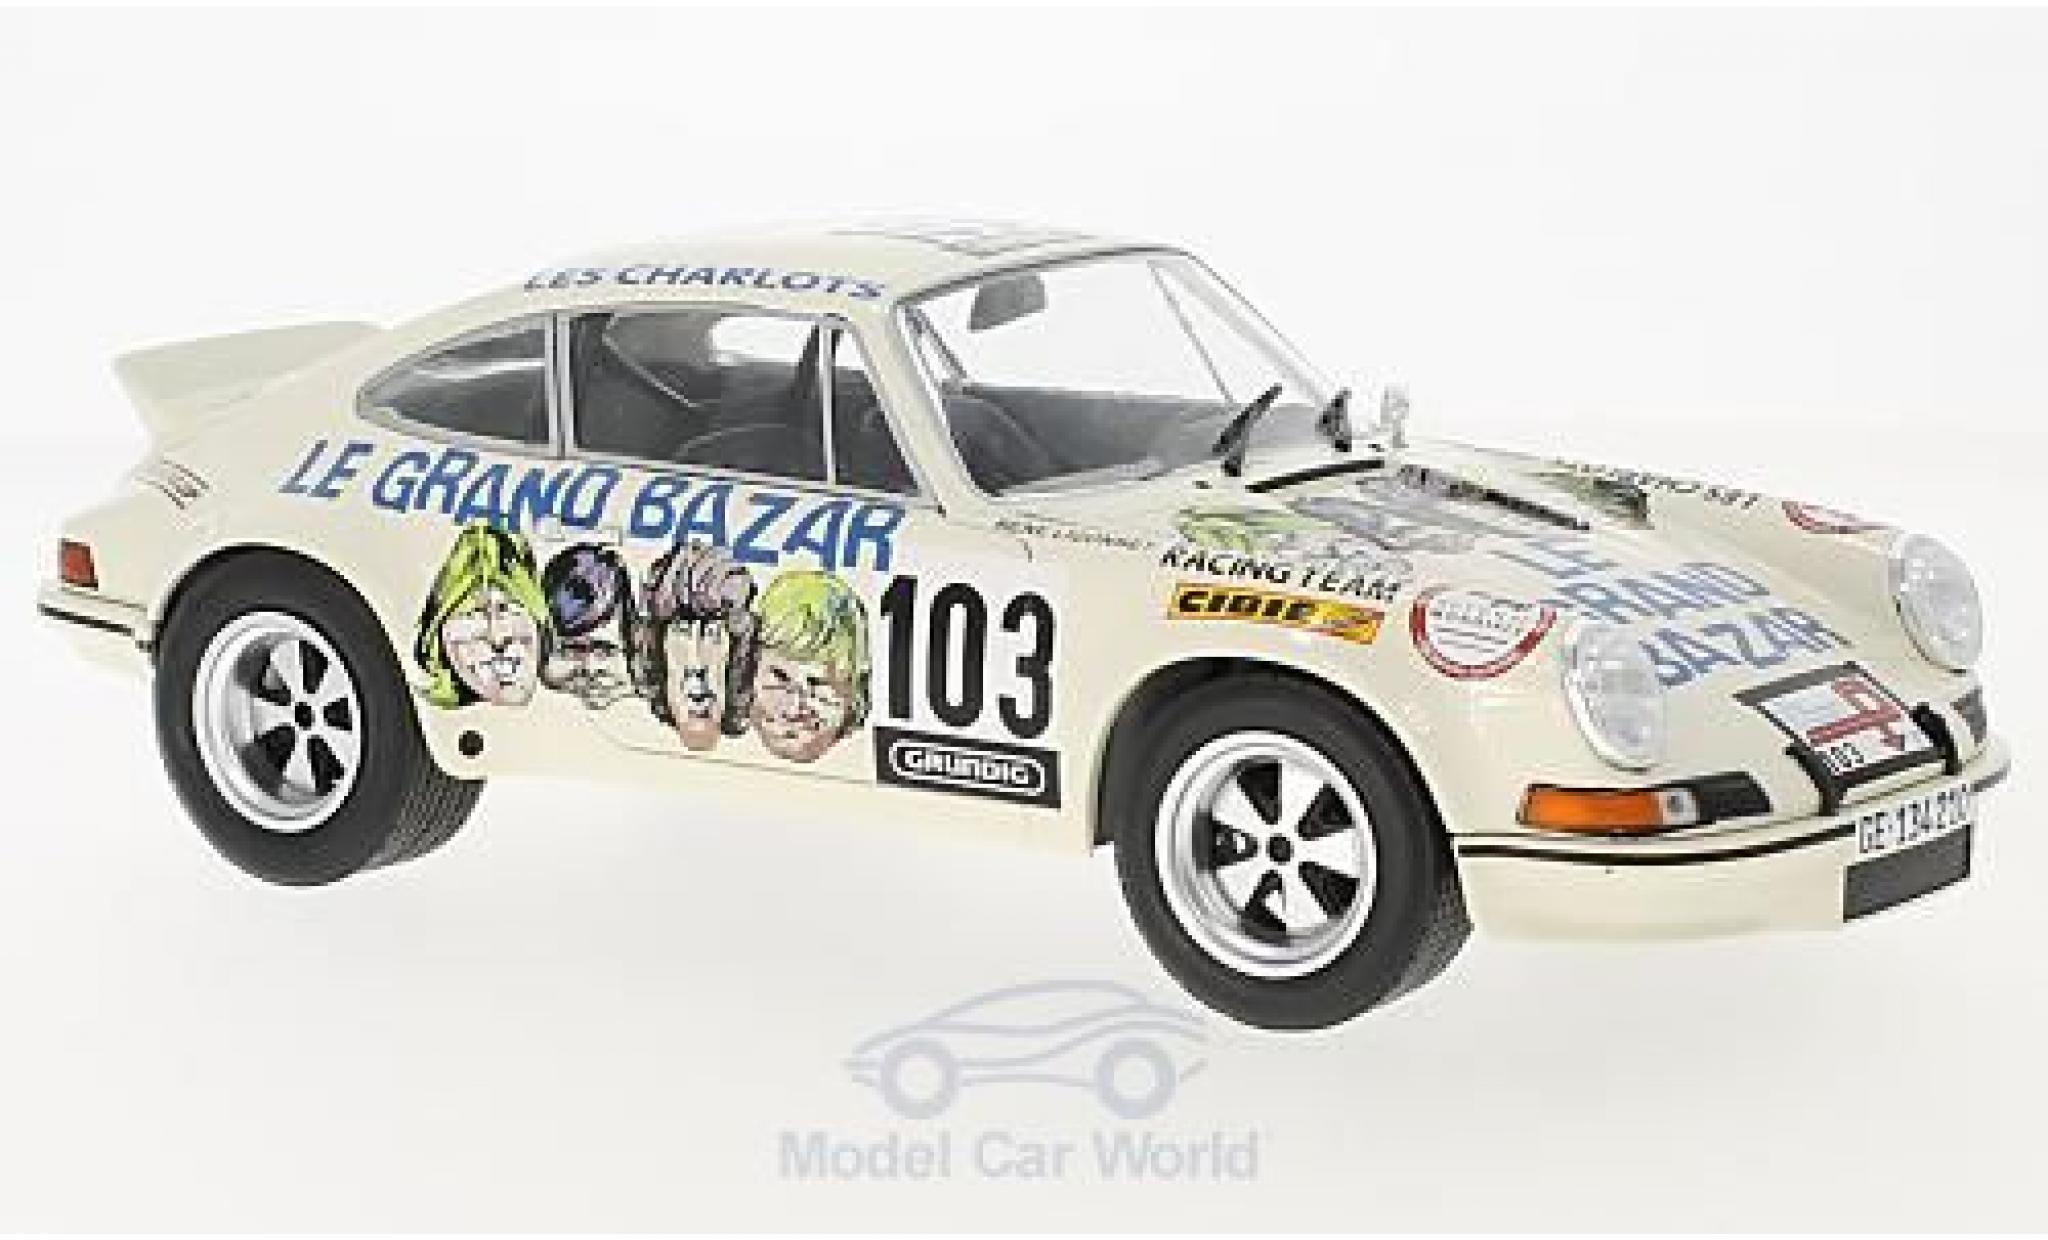 Porsche 911 SC 1/18 Solido R No.103 Le Grand Bazar Tour de France Auto 1973 H.Bayard/R.Ligonnet